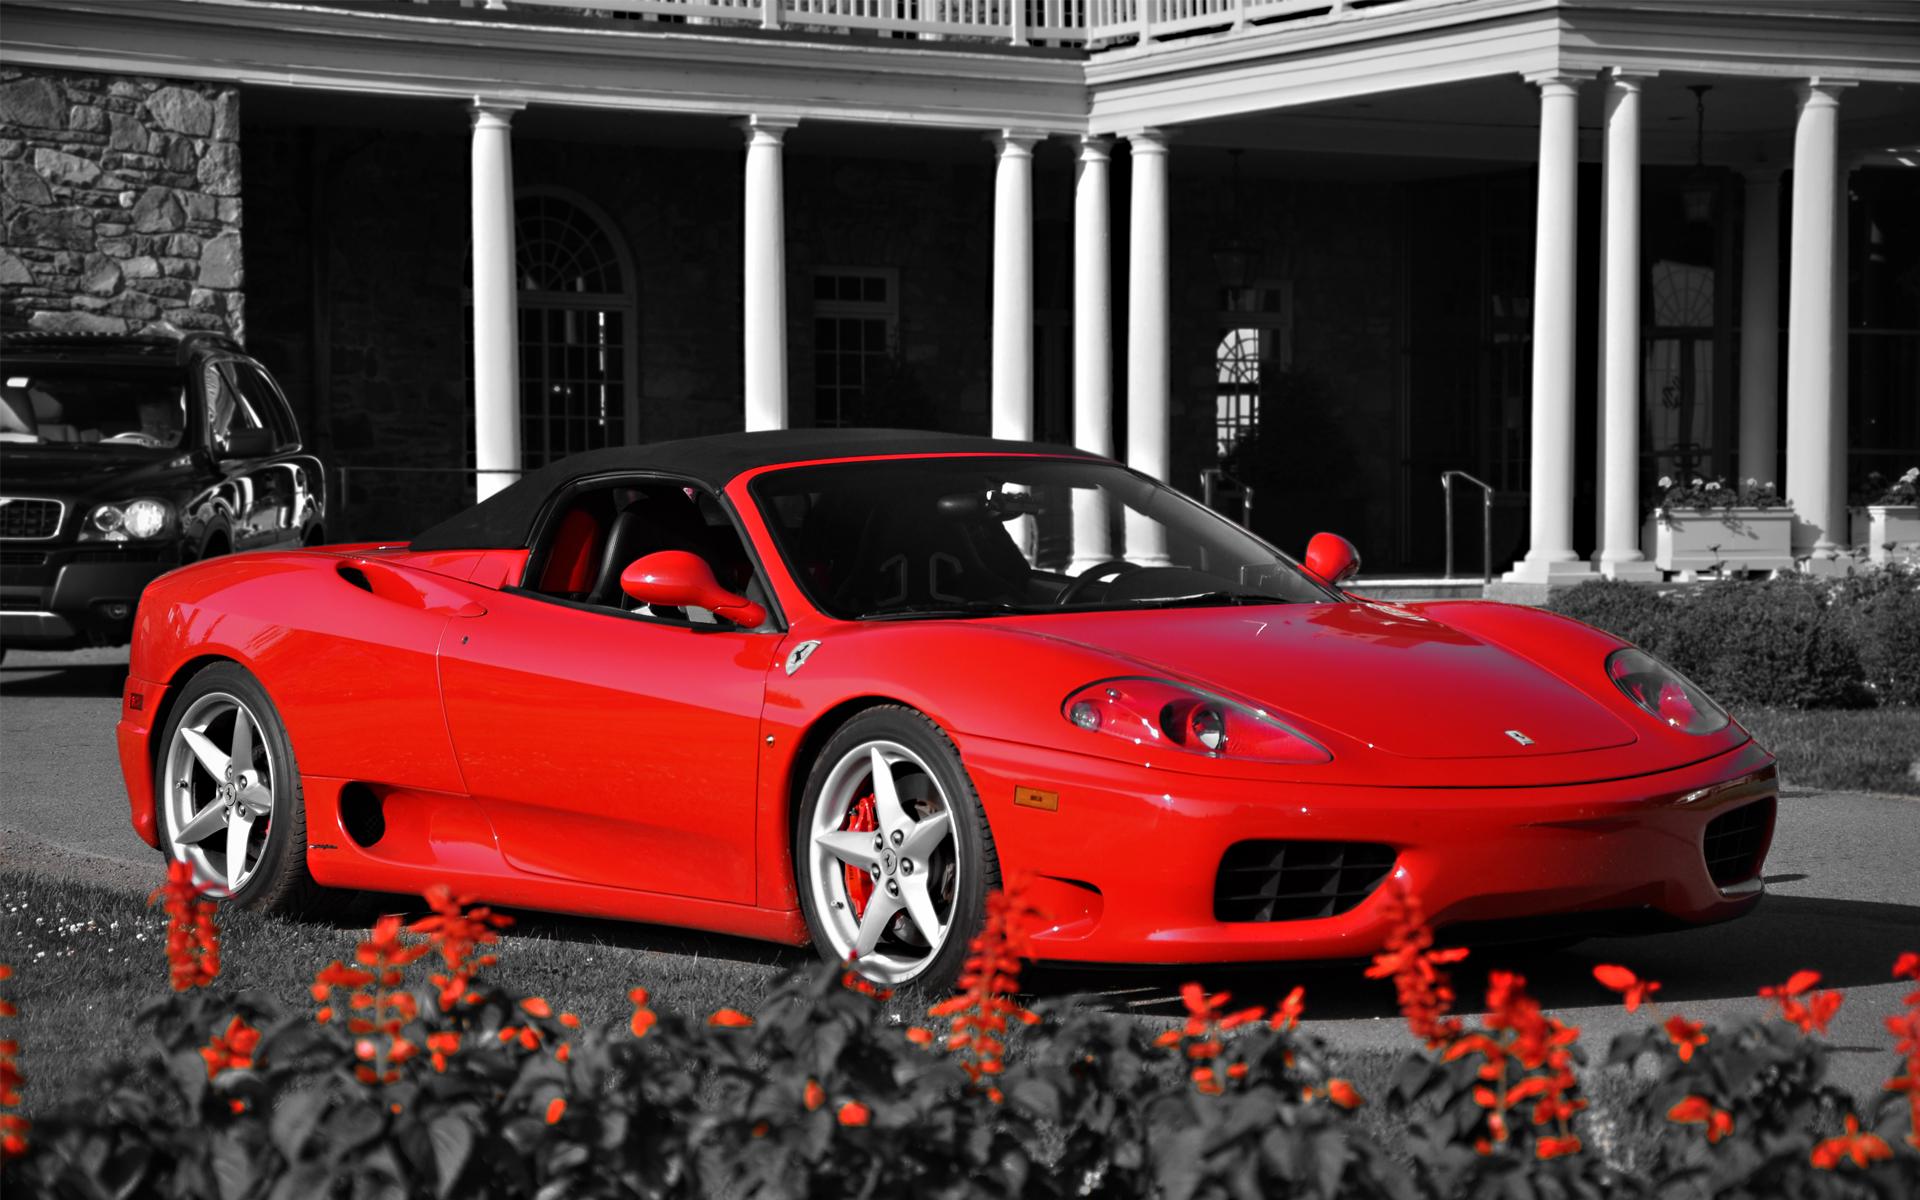 47480 скачать обои Транспорт, Машины, Феррари (Ferrari) - заставки и картинки бесплатно